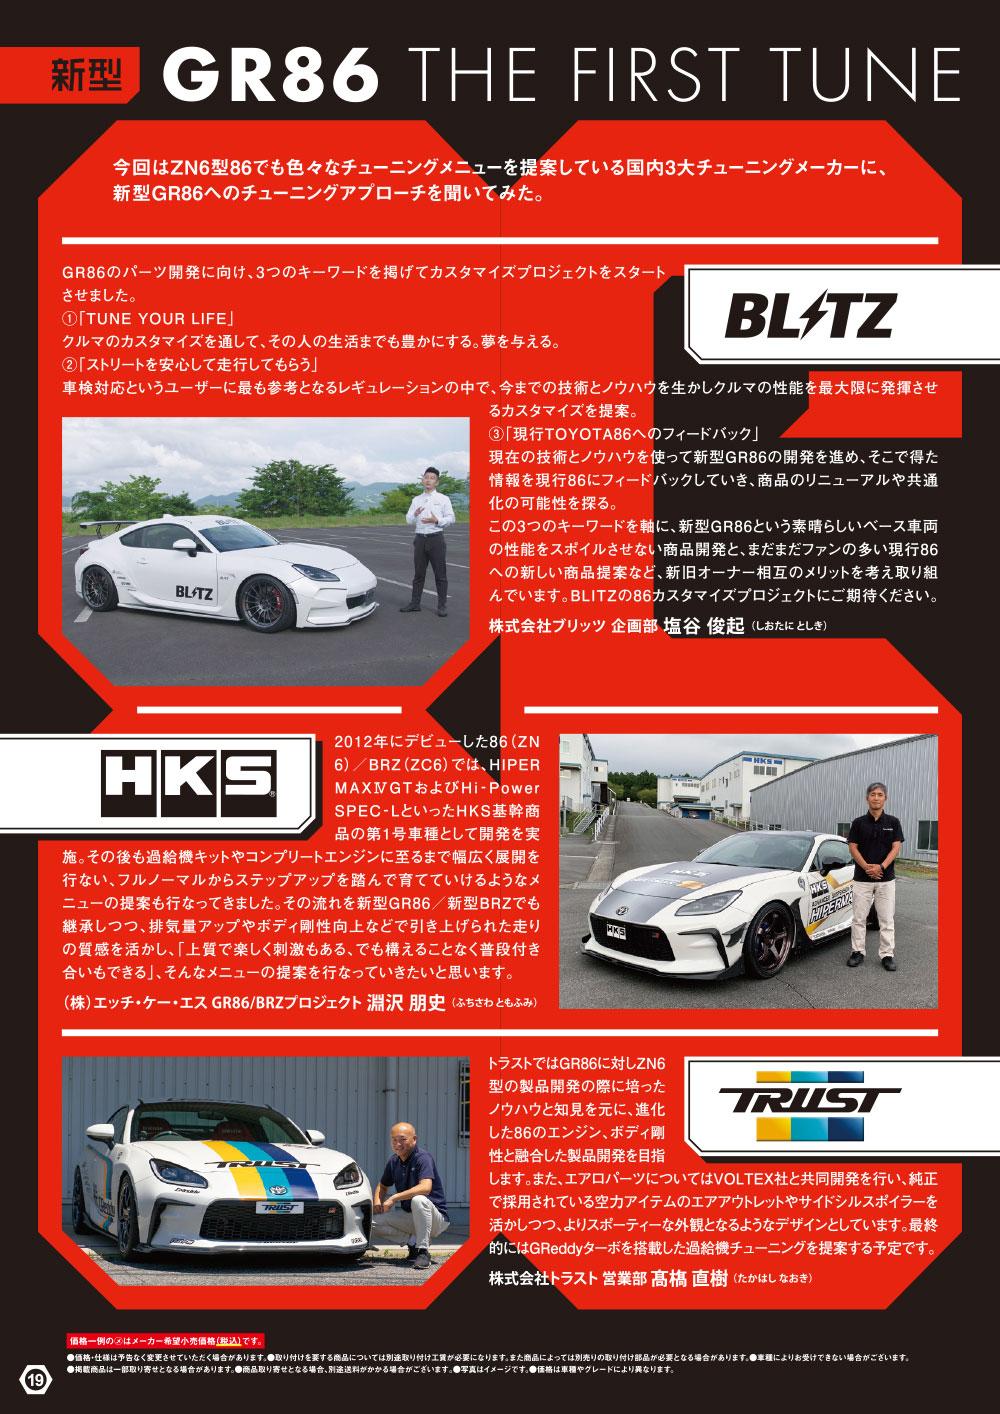 オートバックス_ヒートアップキャンペーン_TOYOTA 86/SUBARU BRZ